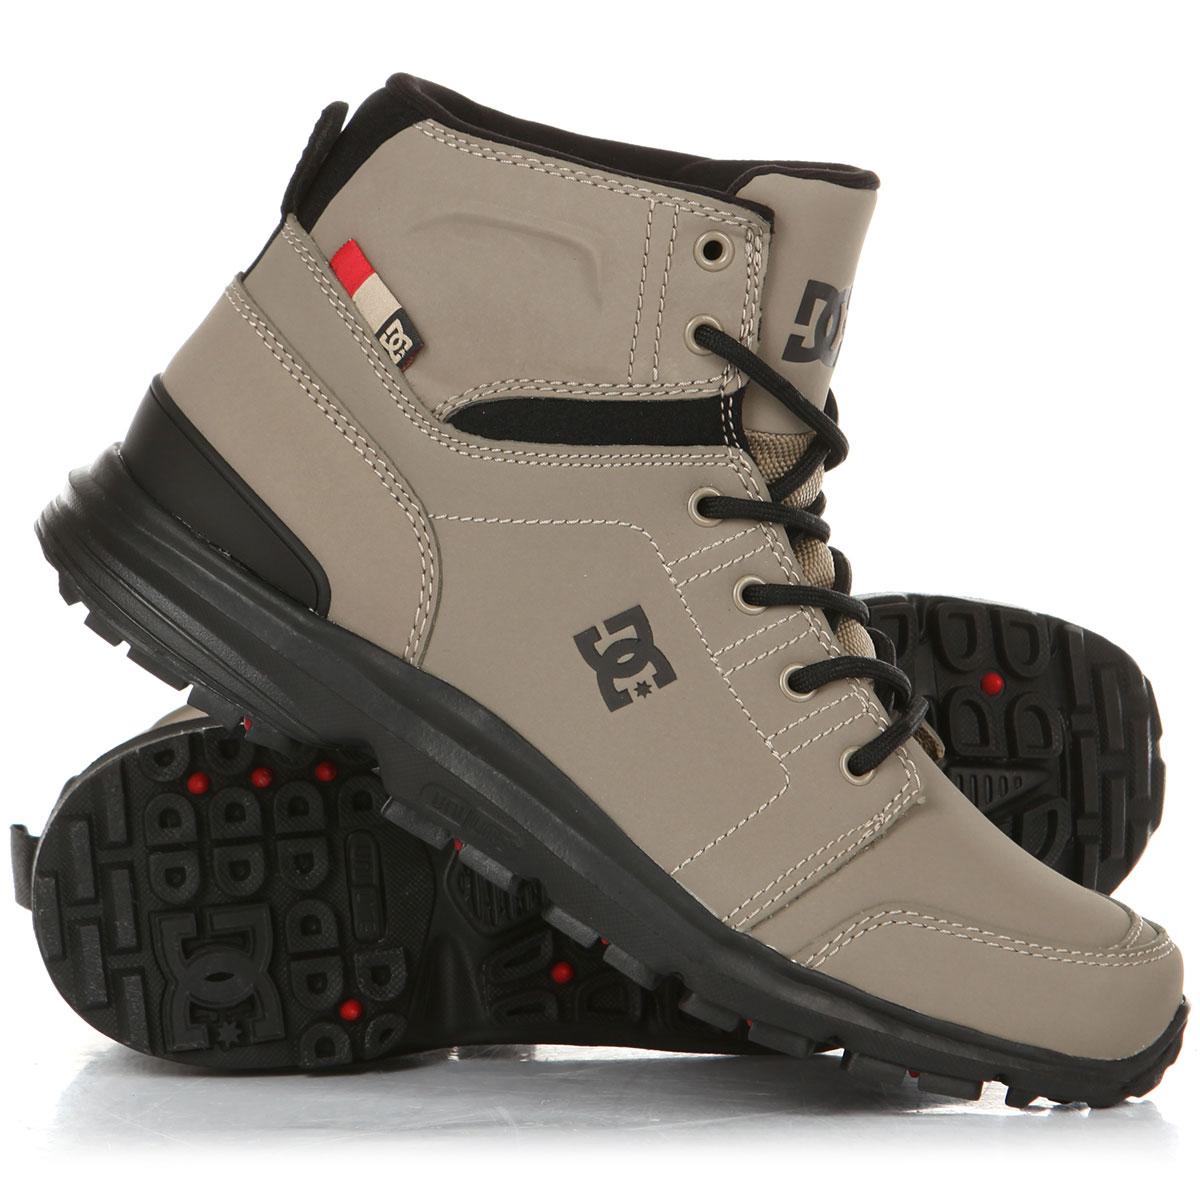 cef6e6ea7c3d Купить ботинки высокие DC Torstein Timber (ADMB700008-TMB) в интернет- магазине Proskater.kz